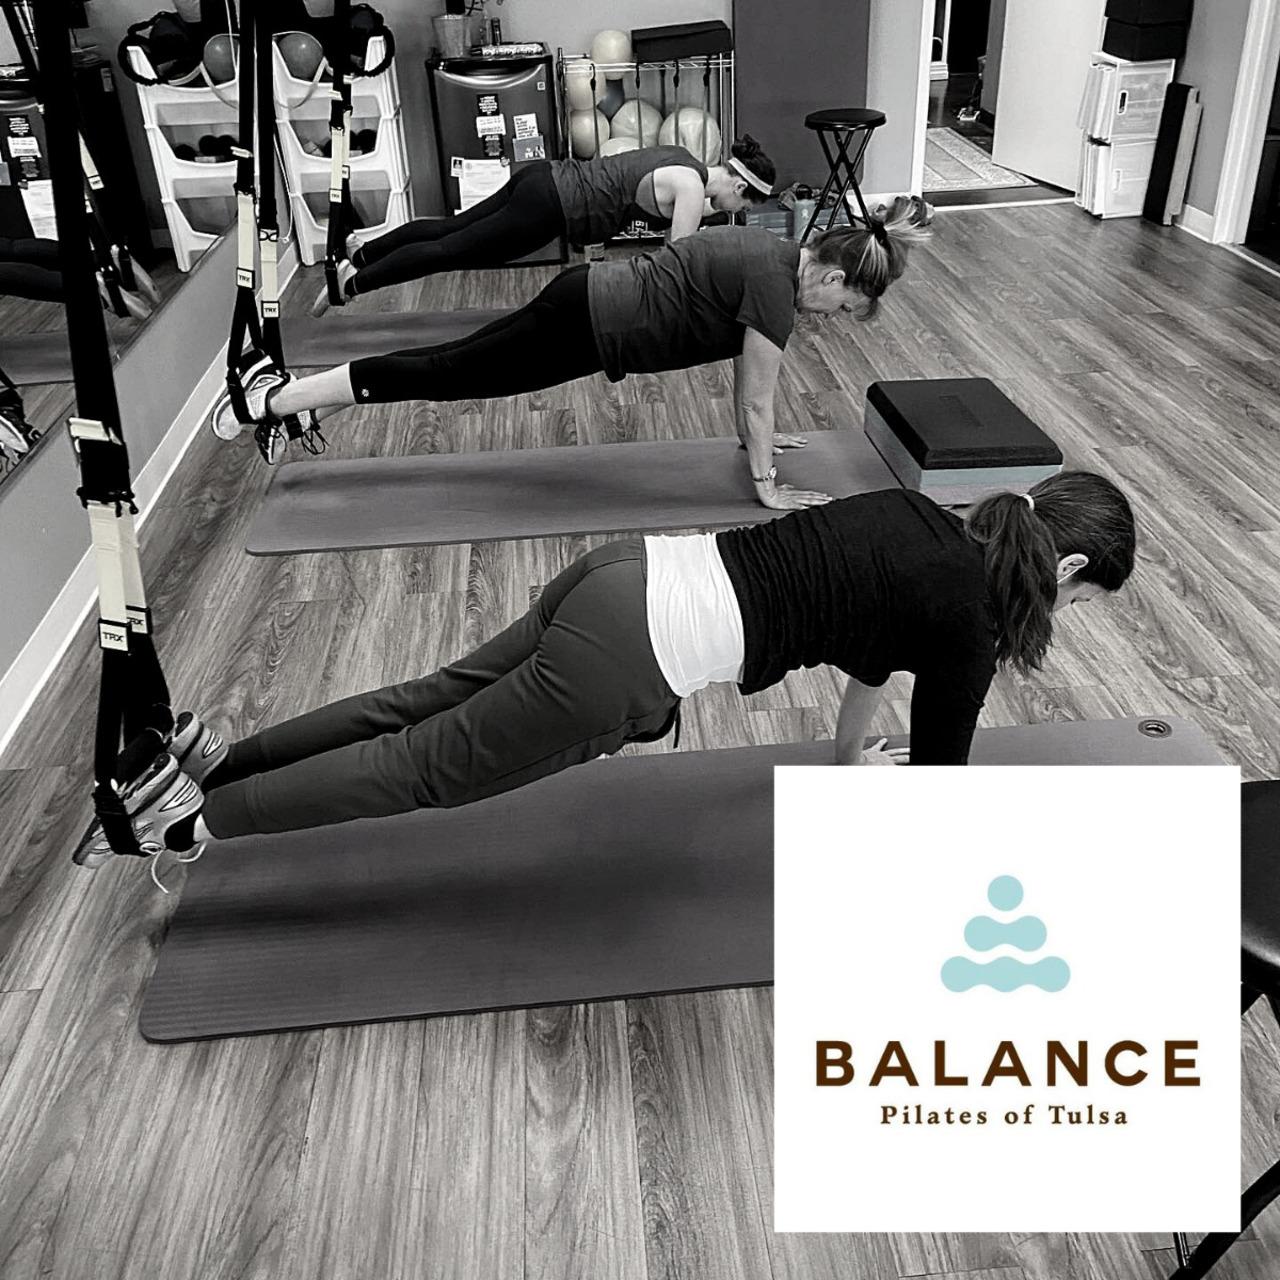 Balance Pilates of Tulsa